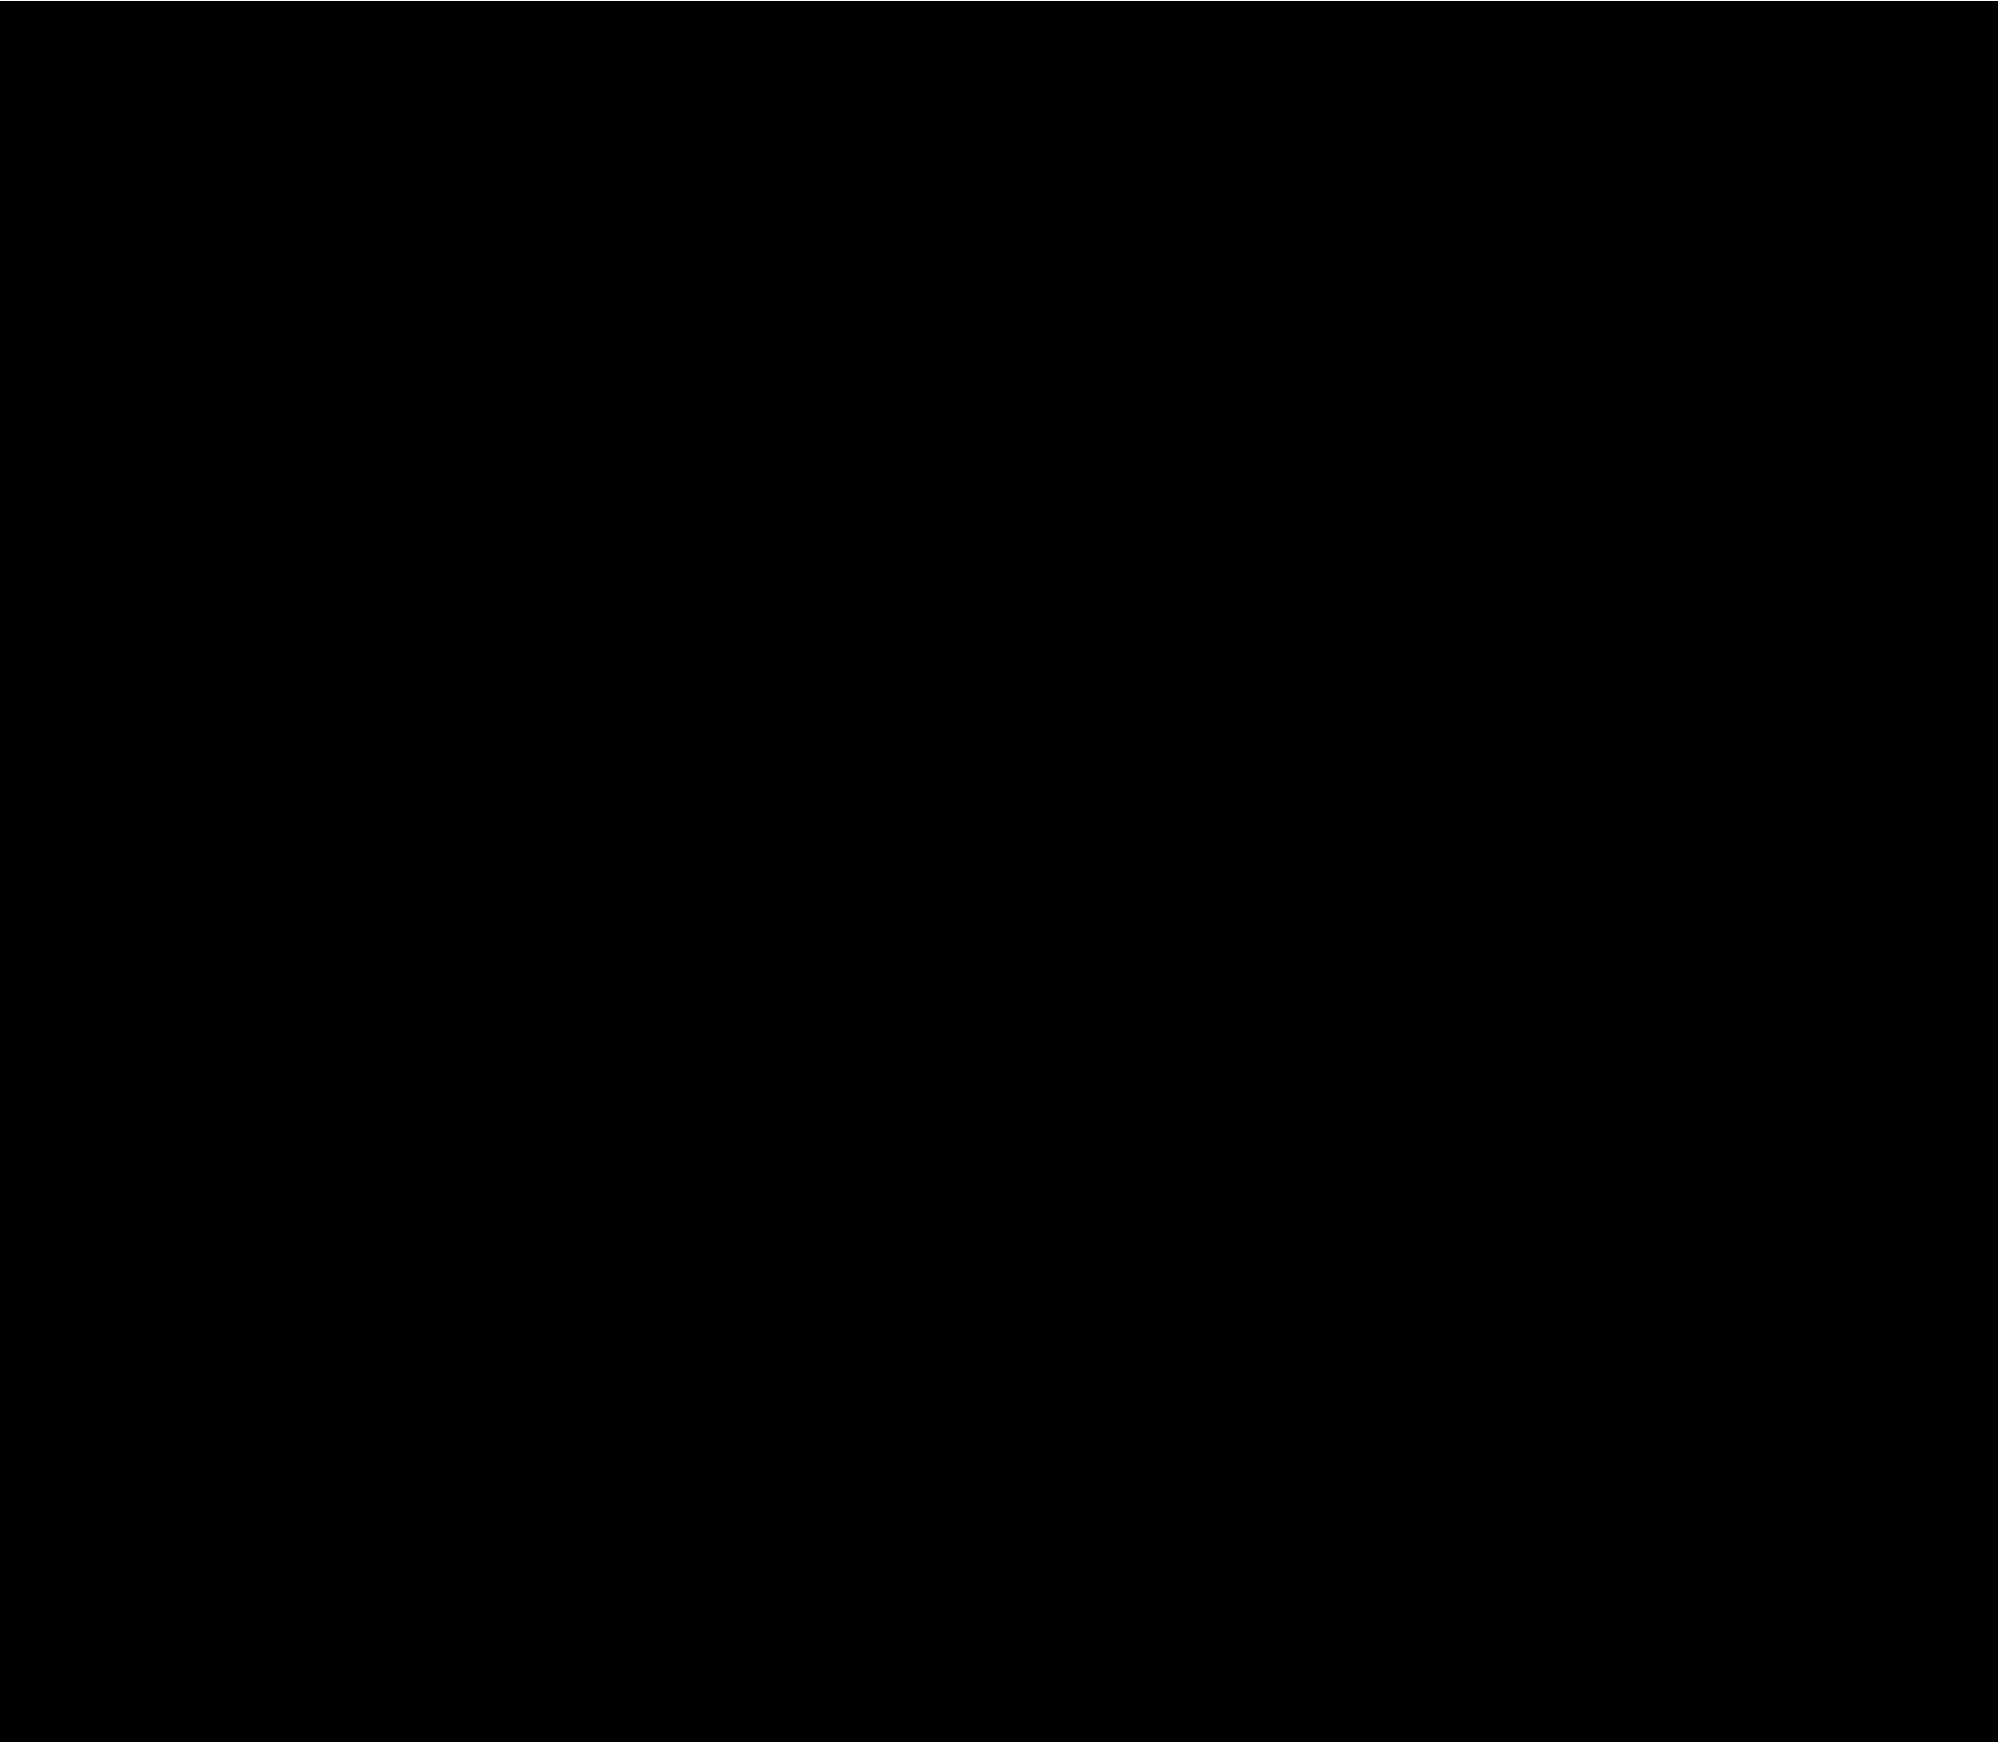 گوره تلگرام دانش سرمایه آرکا